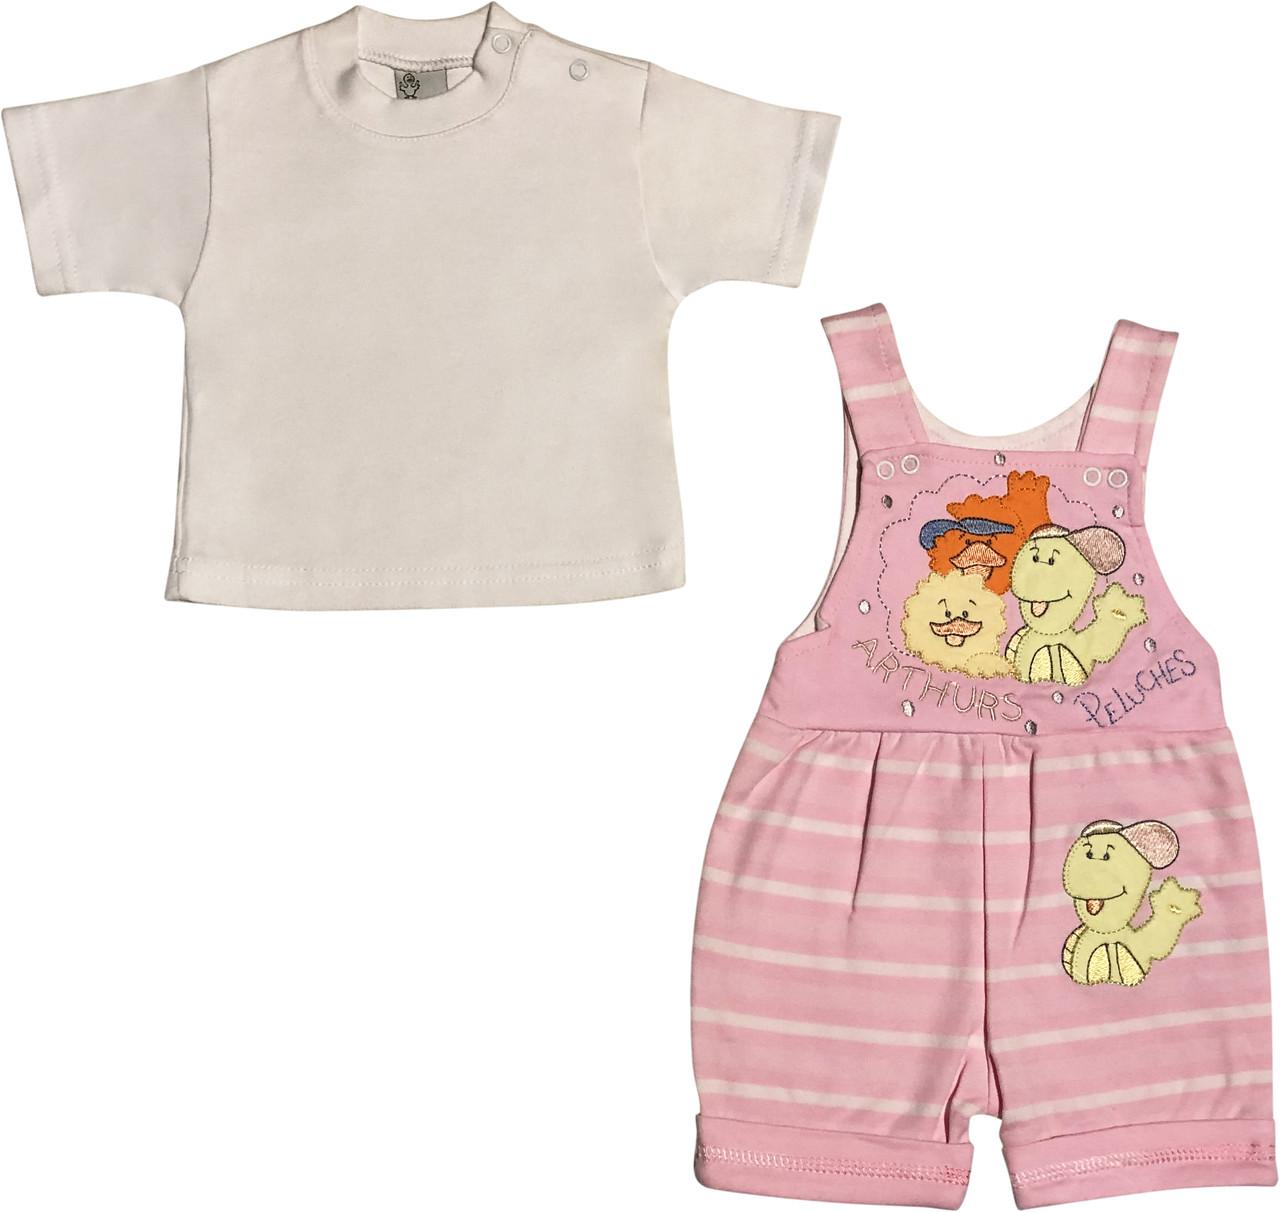 Літній костюм на дівчинку ріст 62 2-3 міс для новонароджених малюків комплект дитячий трикотажний літо рожевий